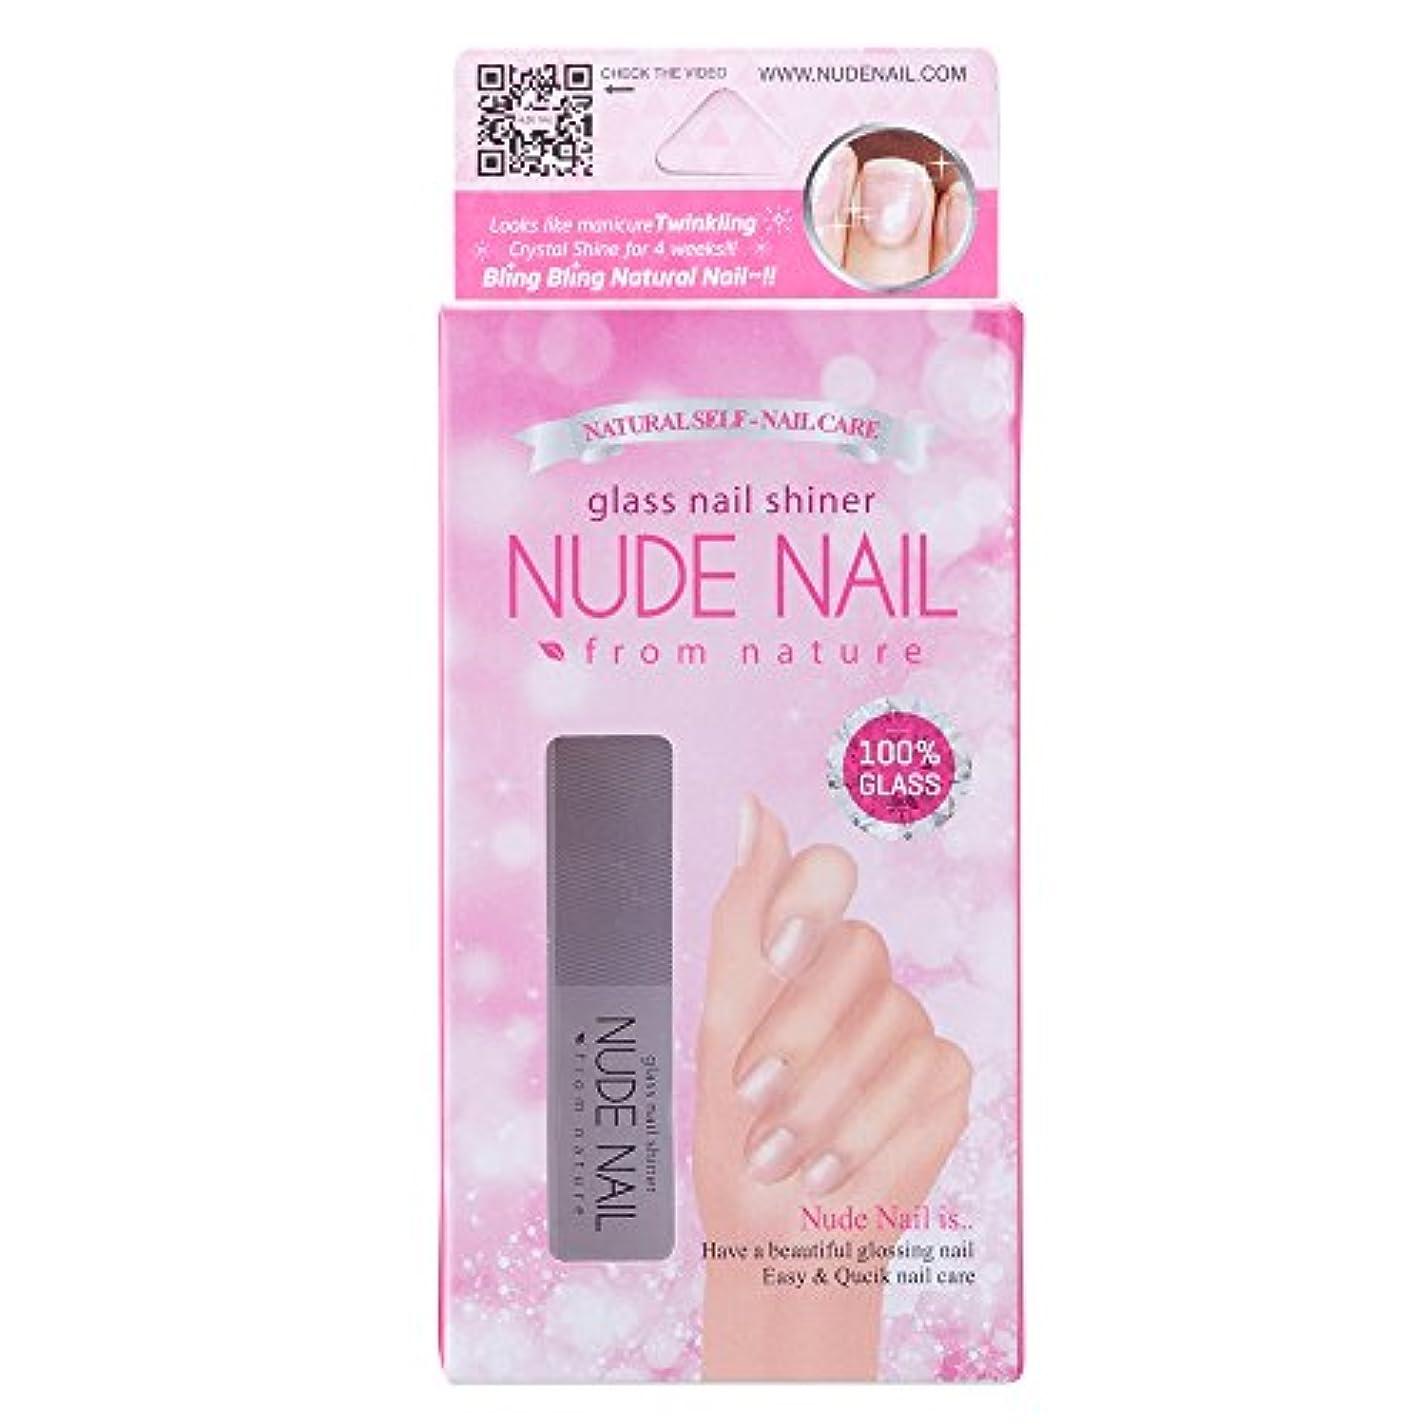 上昇裂け目物理的なヌードネイル グラス ネイル シャイナー ガラス製爪ヤスリ NUDE NAIL glass nail shiner